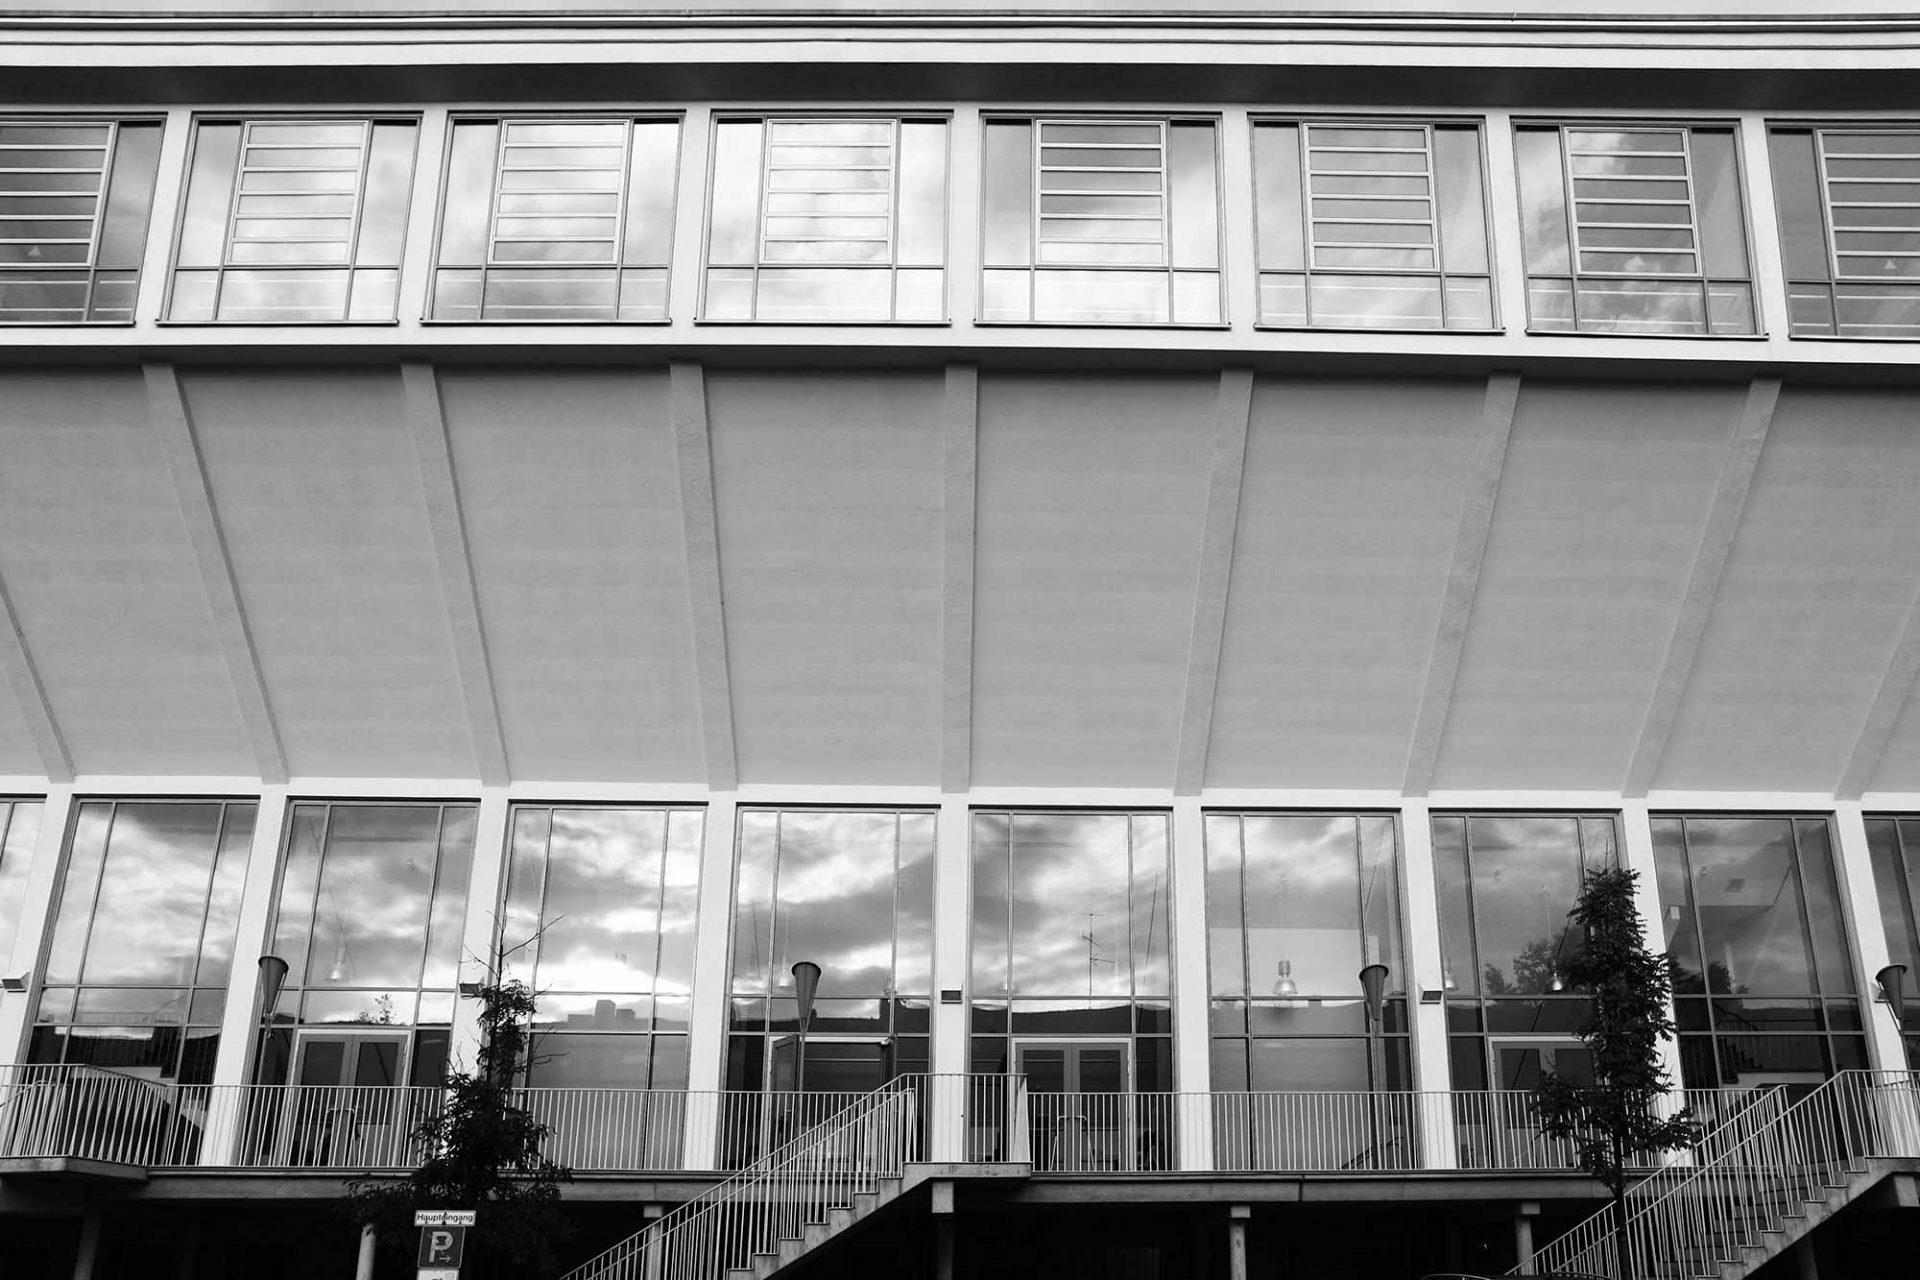 Schwimmoper Wuppertal. Vorbild des streng symmetrischen Baus war das Olympia-Schwimmstadion von Melbourne.